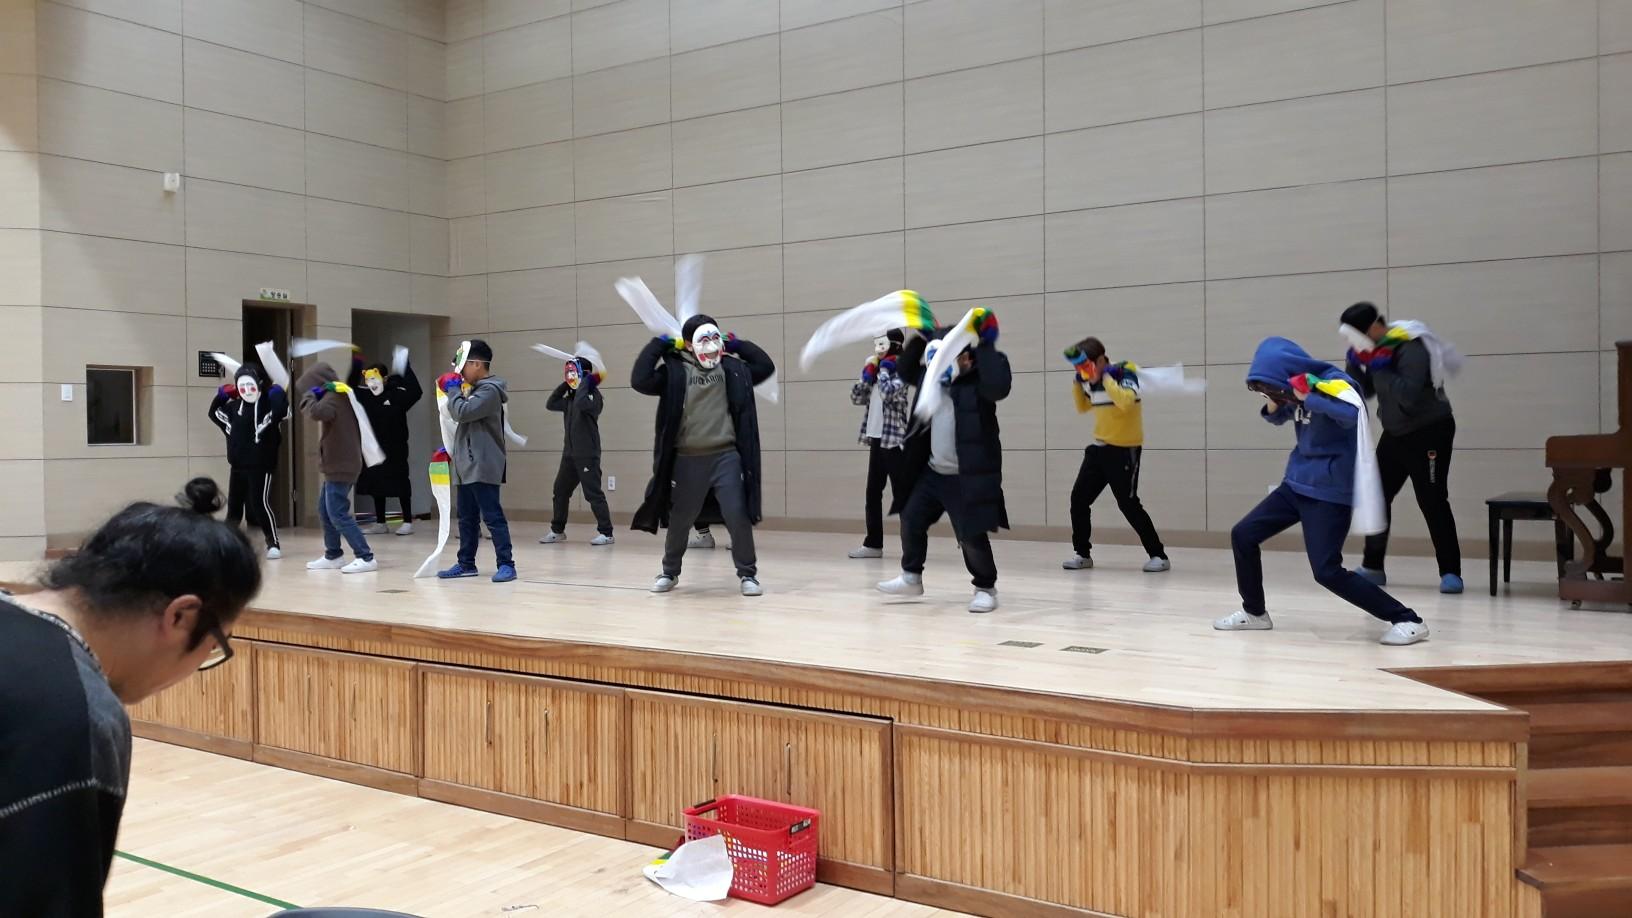 [일반] (5학년) 동아리 활동-탈춤 발표의 첨부이미지 2